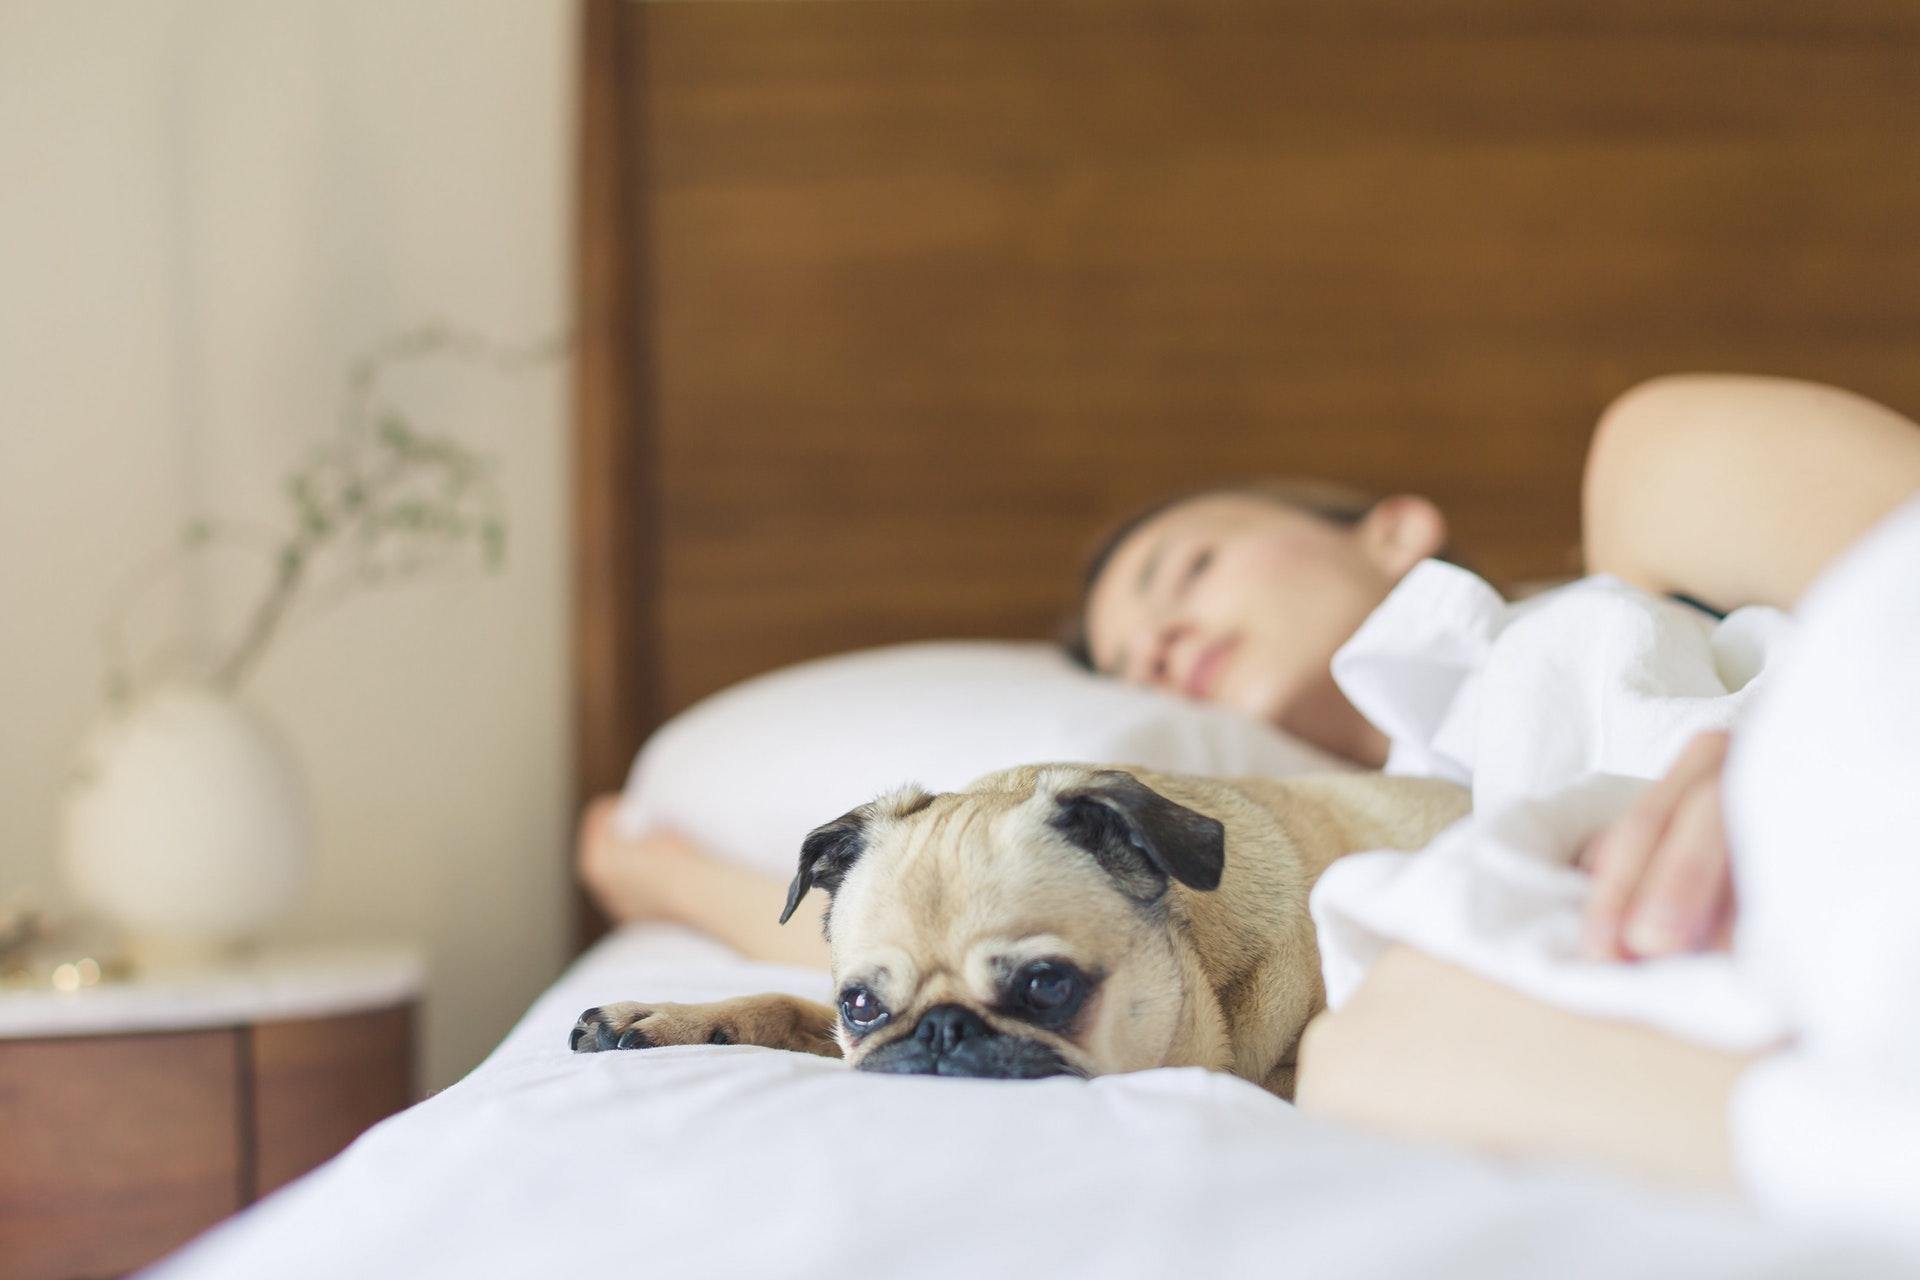 trouver le sommeil rapidement